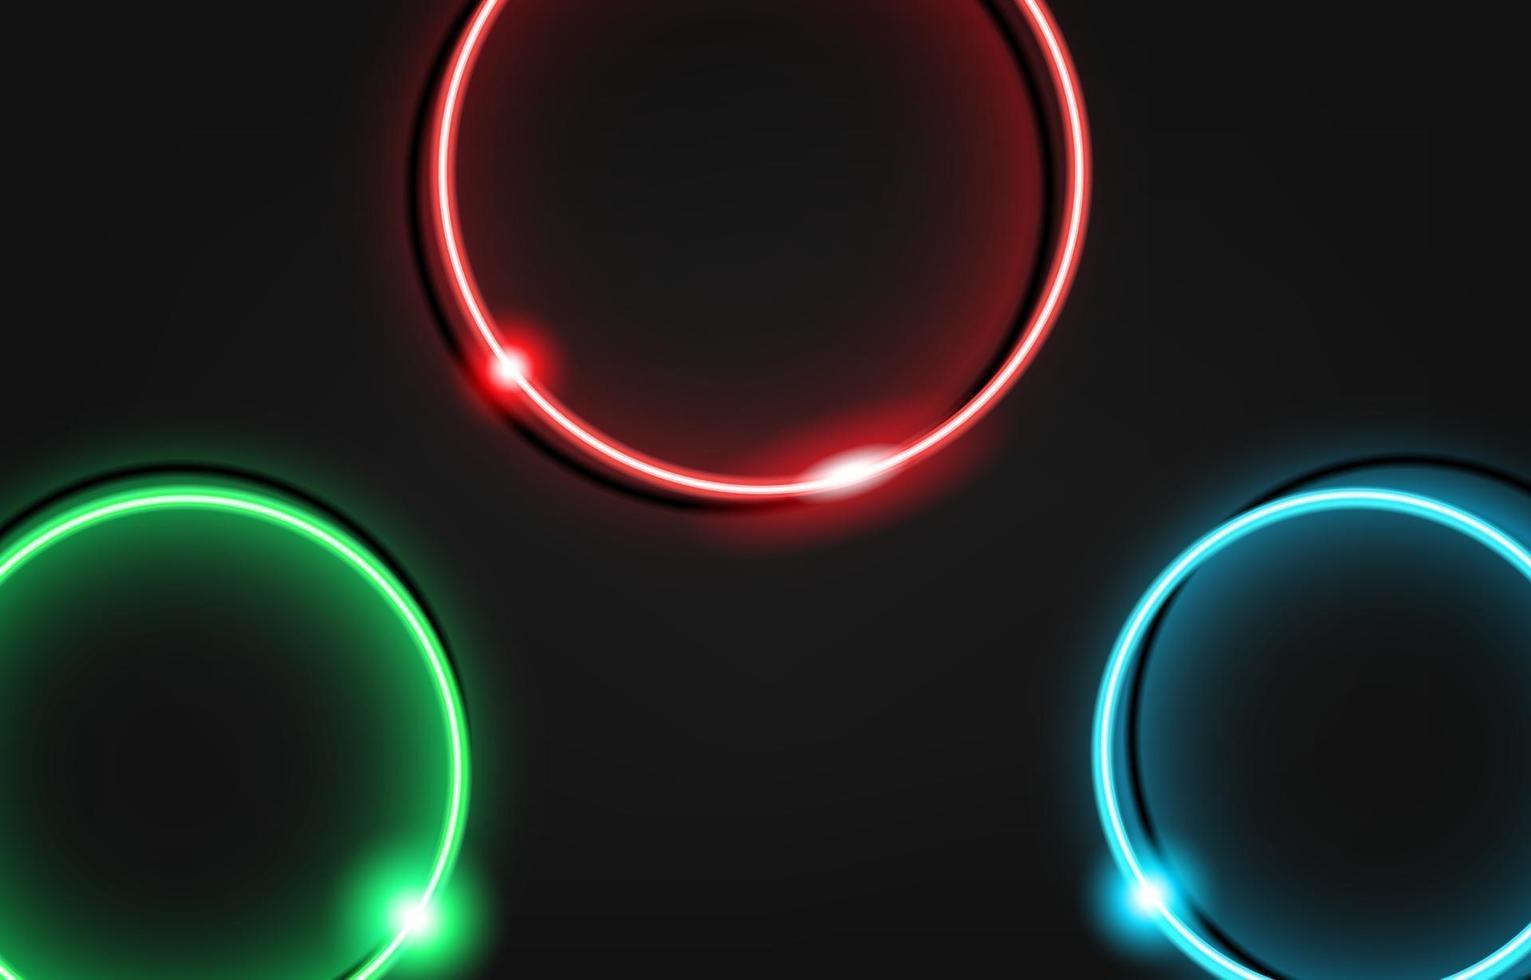 neoncirkel lyxig bakgrund med metalltextur 3d abstrakt. lämplig för tapet, banner, bakgrund, kort, bokillustration, målsida, gåva, omslag, flygblad, rapport, affär, sociala medier vektor